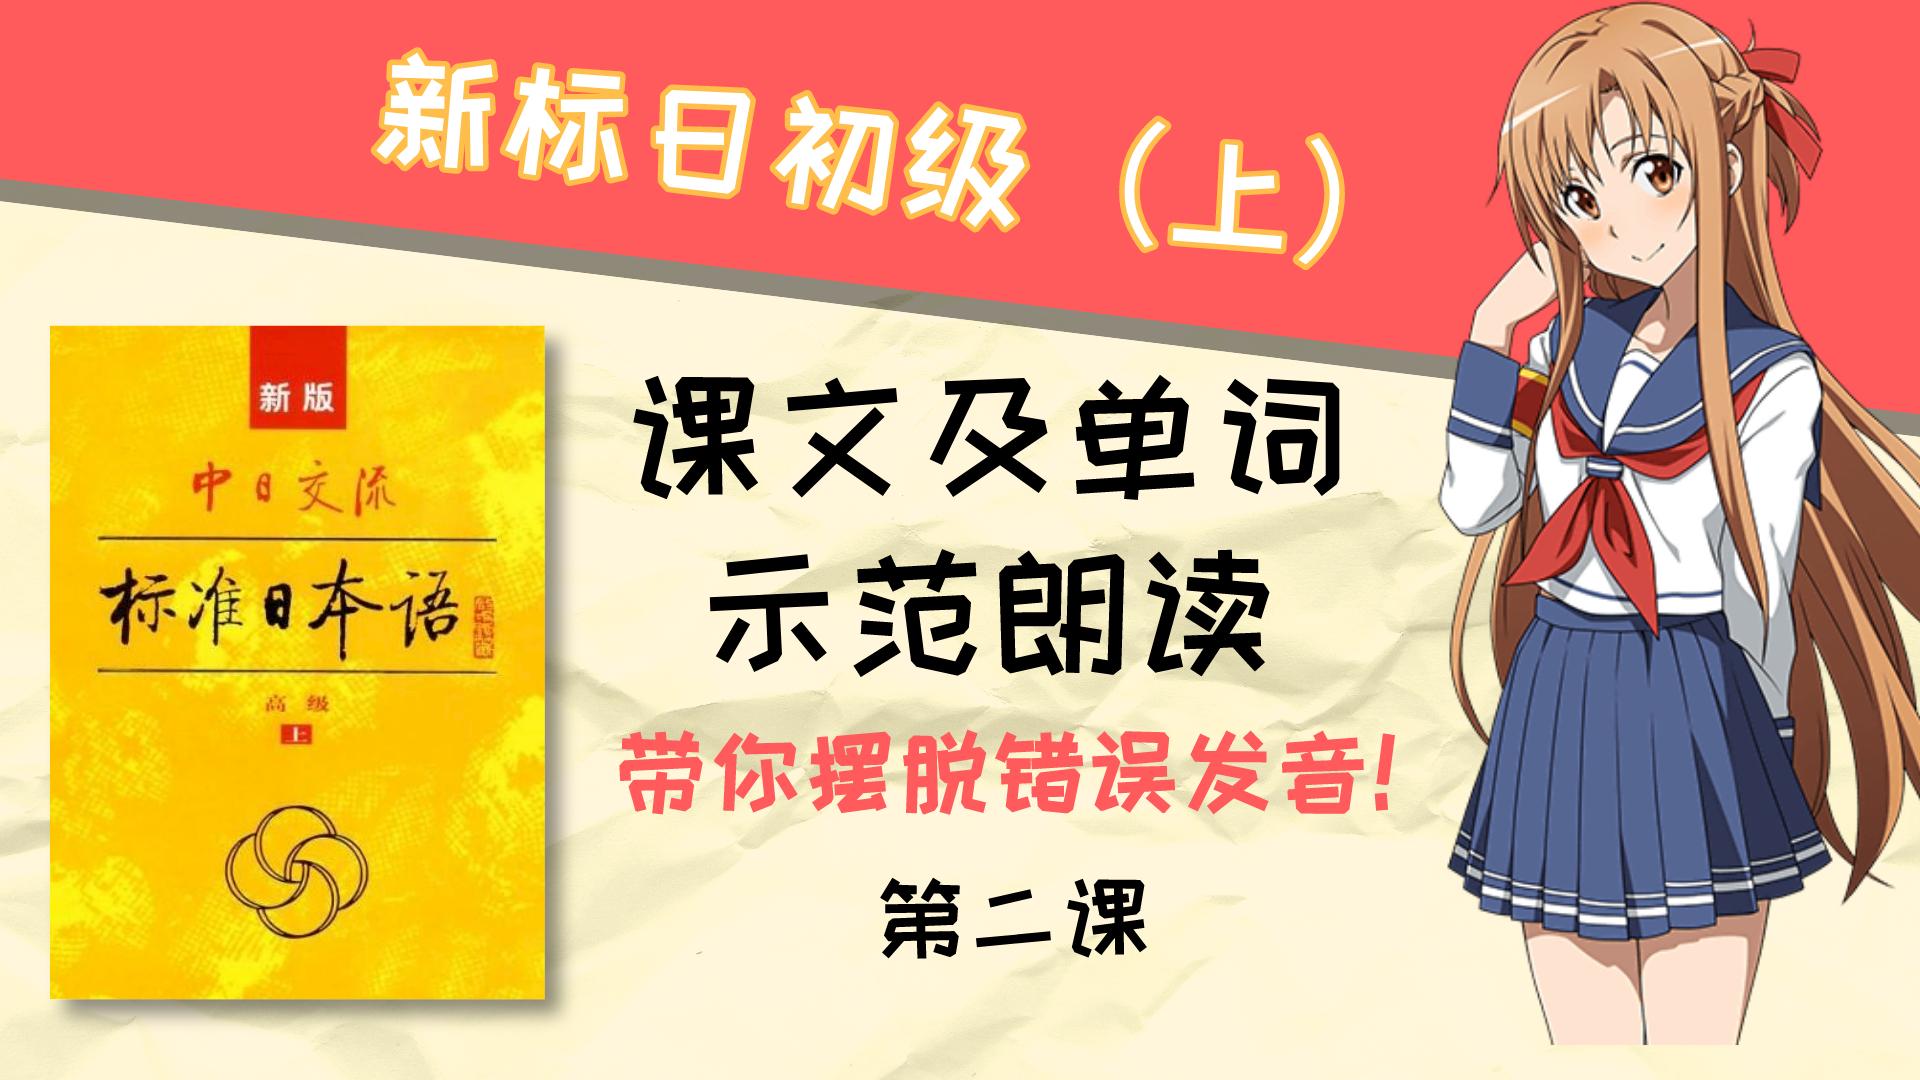 日语零基础入门,「新标日初级上册」课文及单词示范朗读,第二课